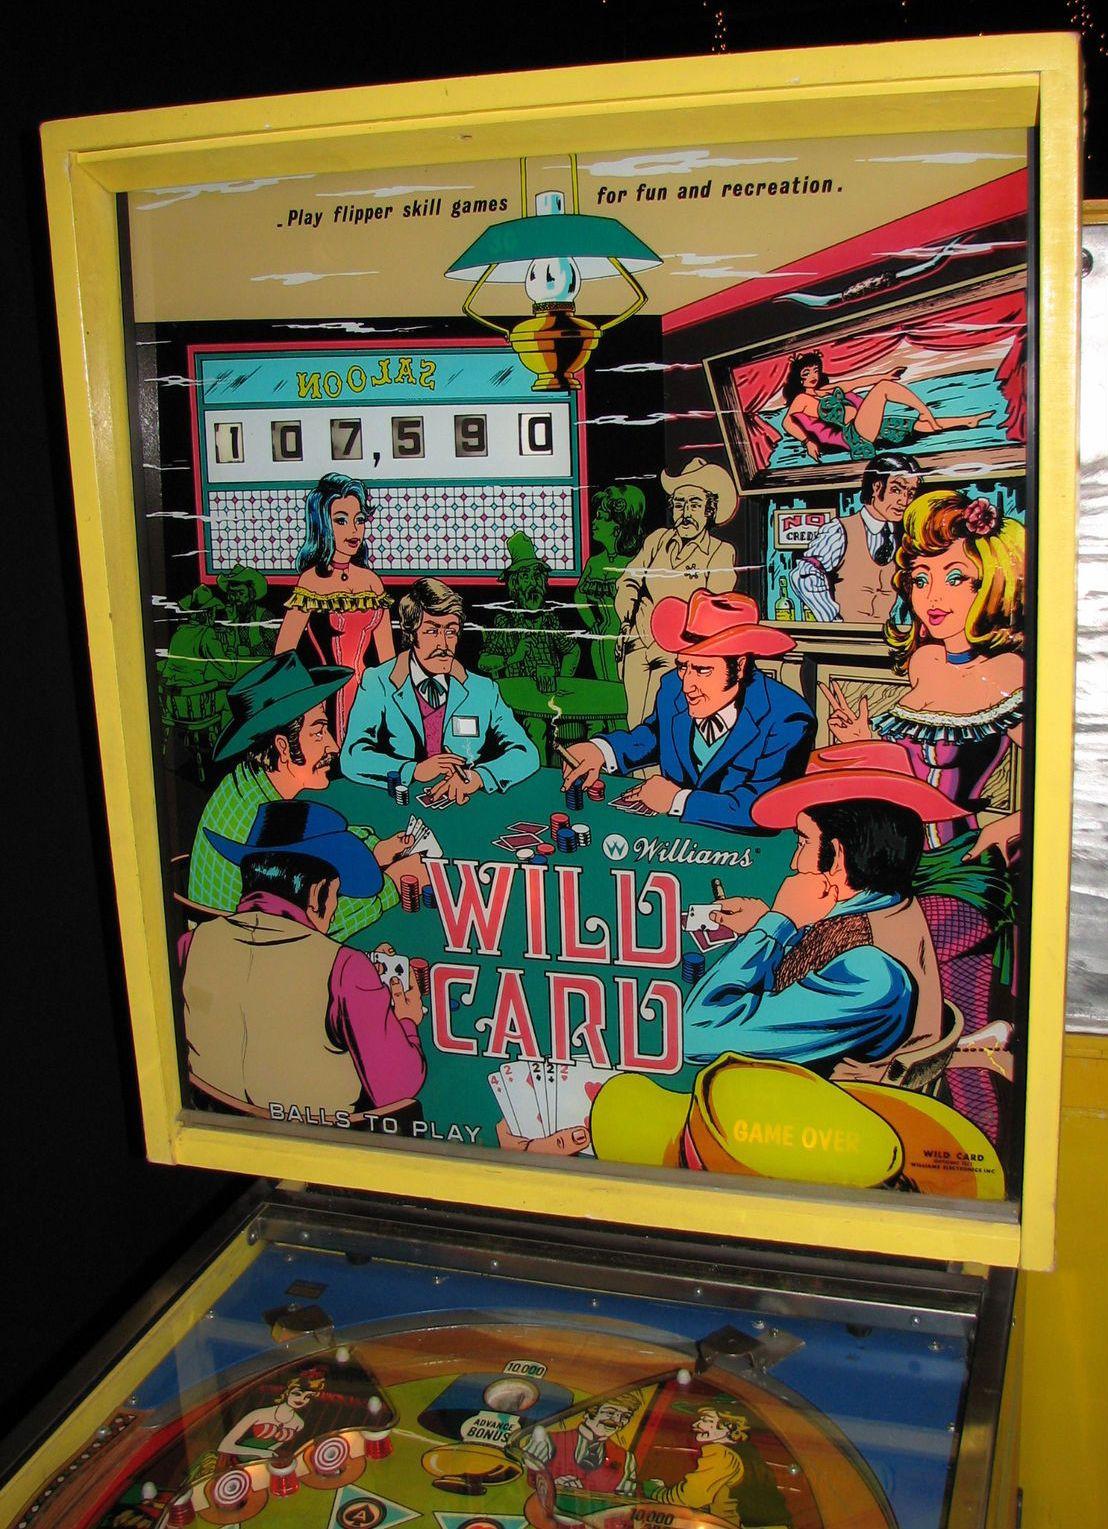 Wild Card Backglass Pinball art, Pinball, Wild card